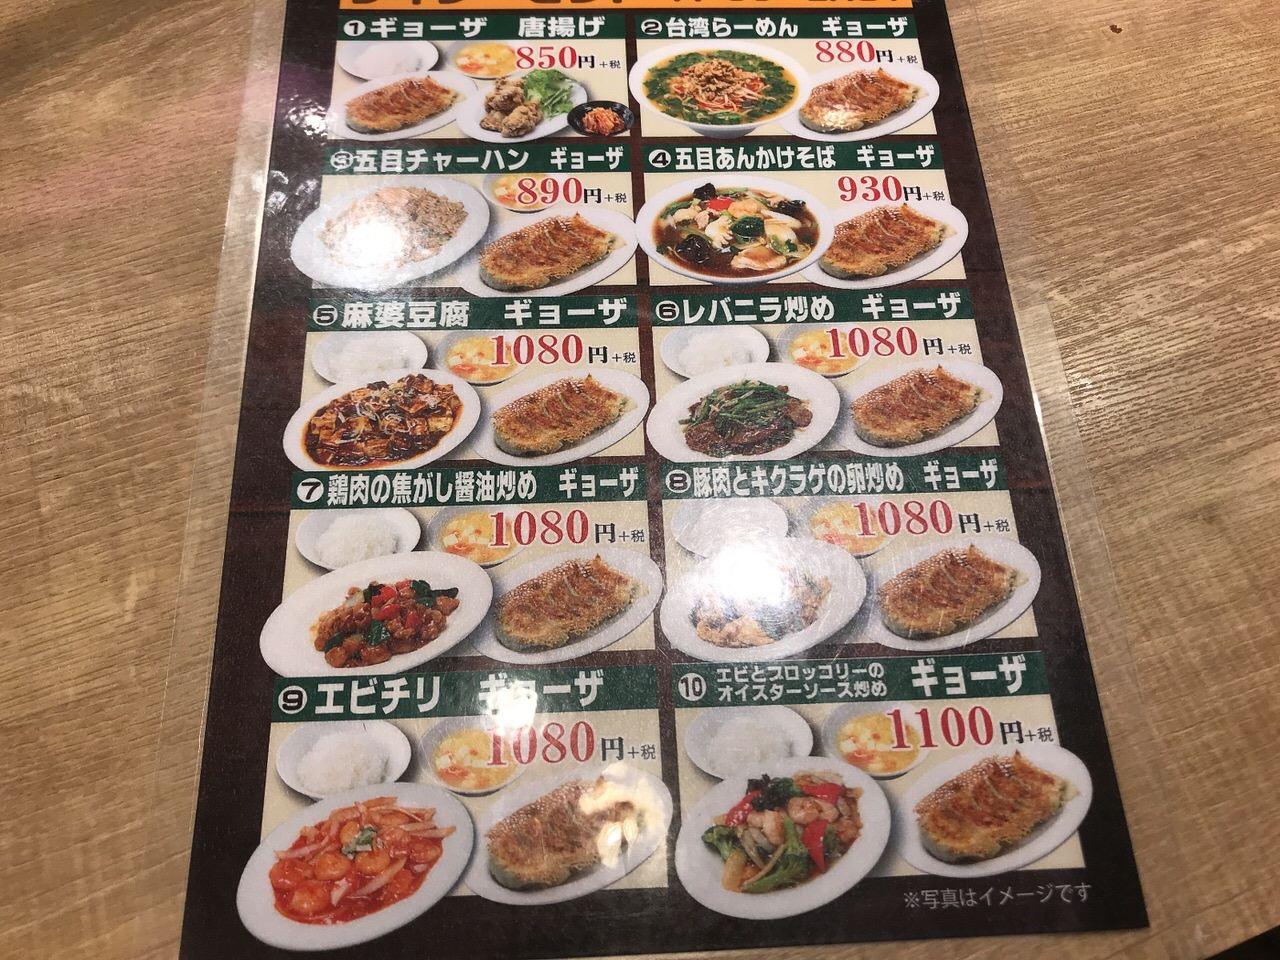 駒込餃子軒 メニュー 04